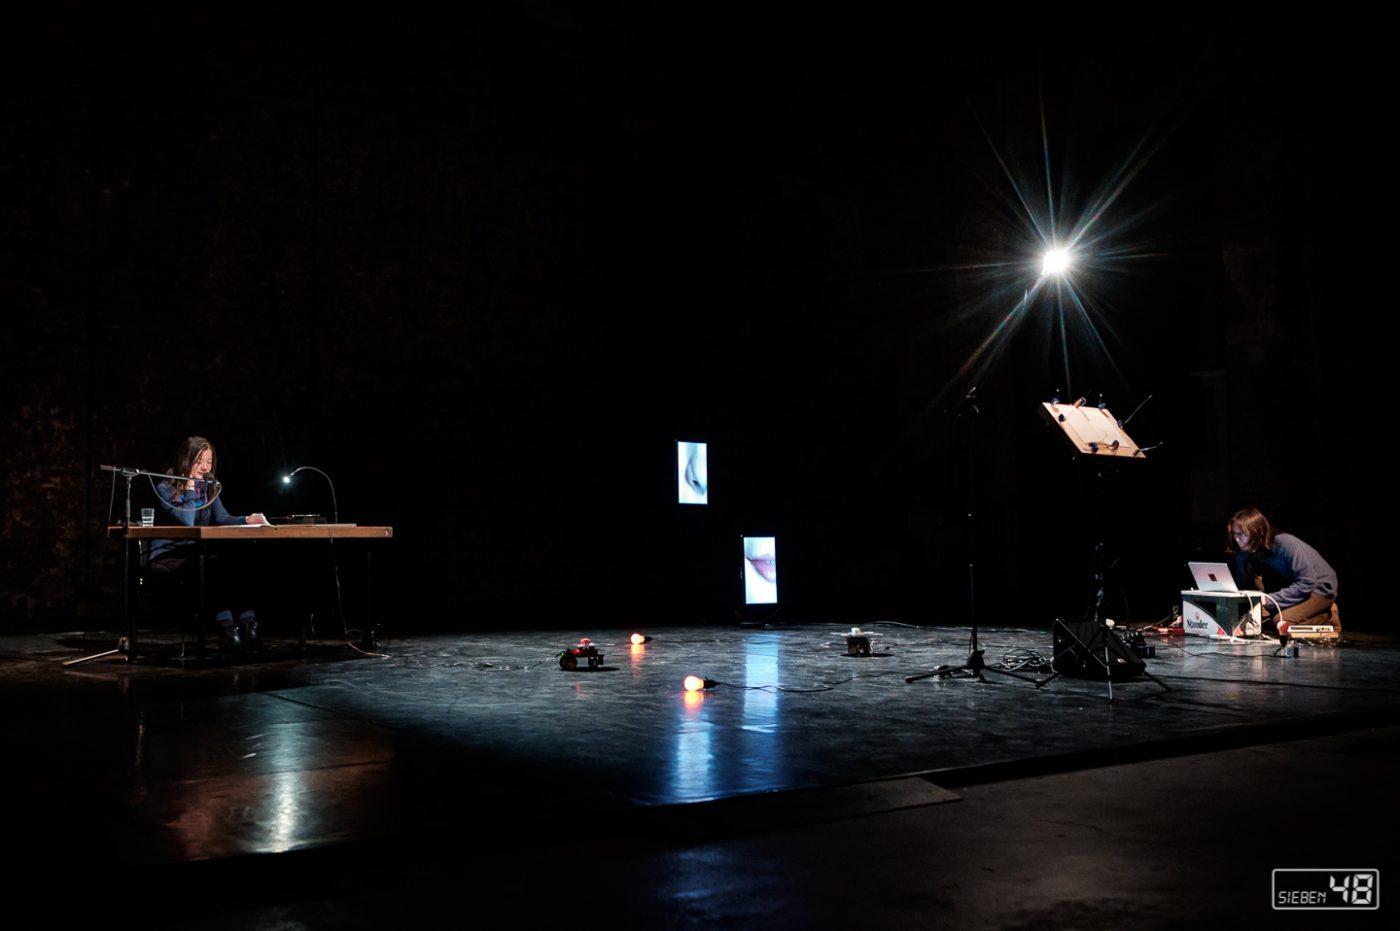 Nische, Maschinenhaus mit MIU: FERMATA EX, 27.09.2020